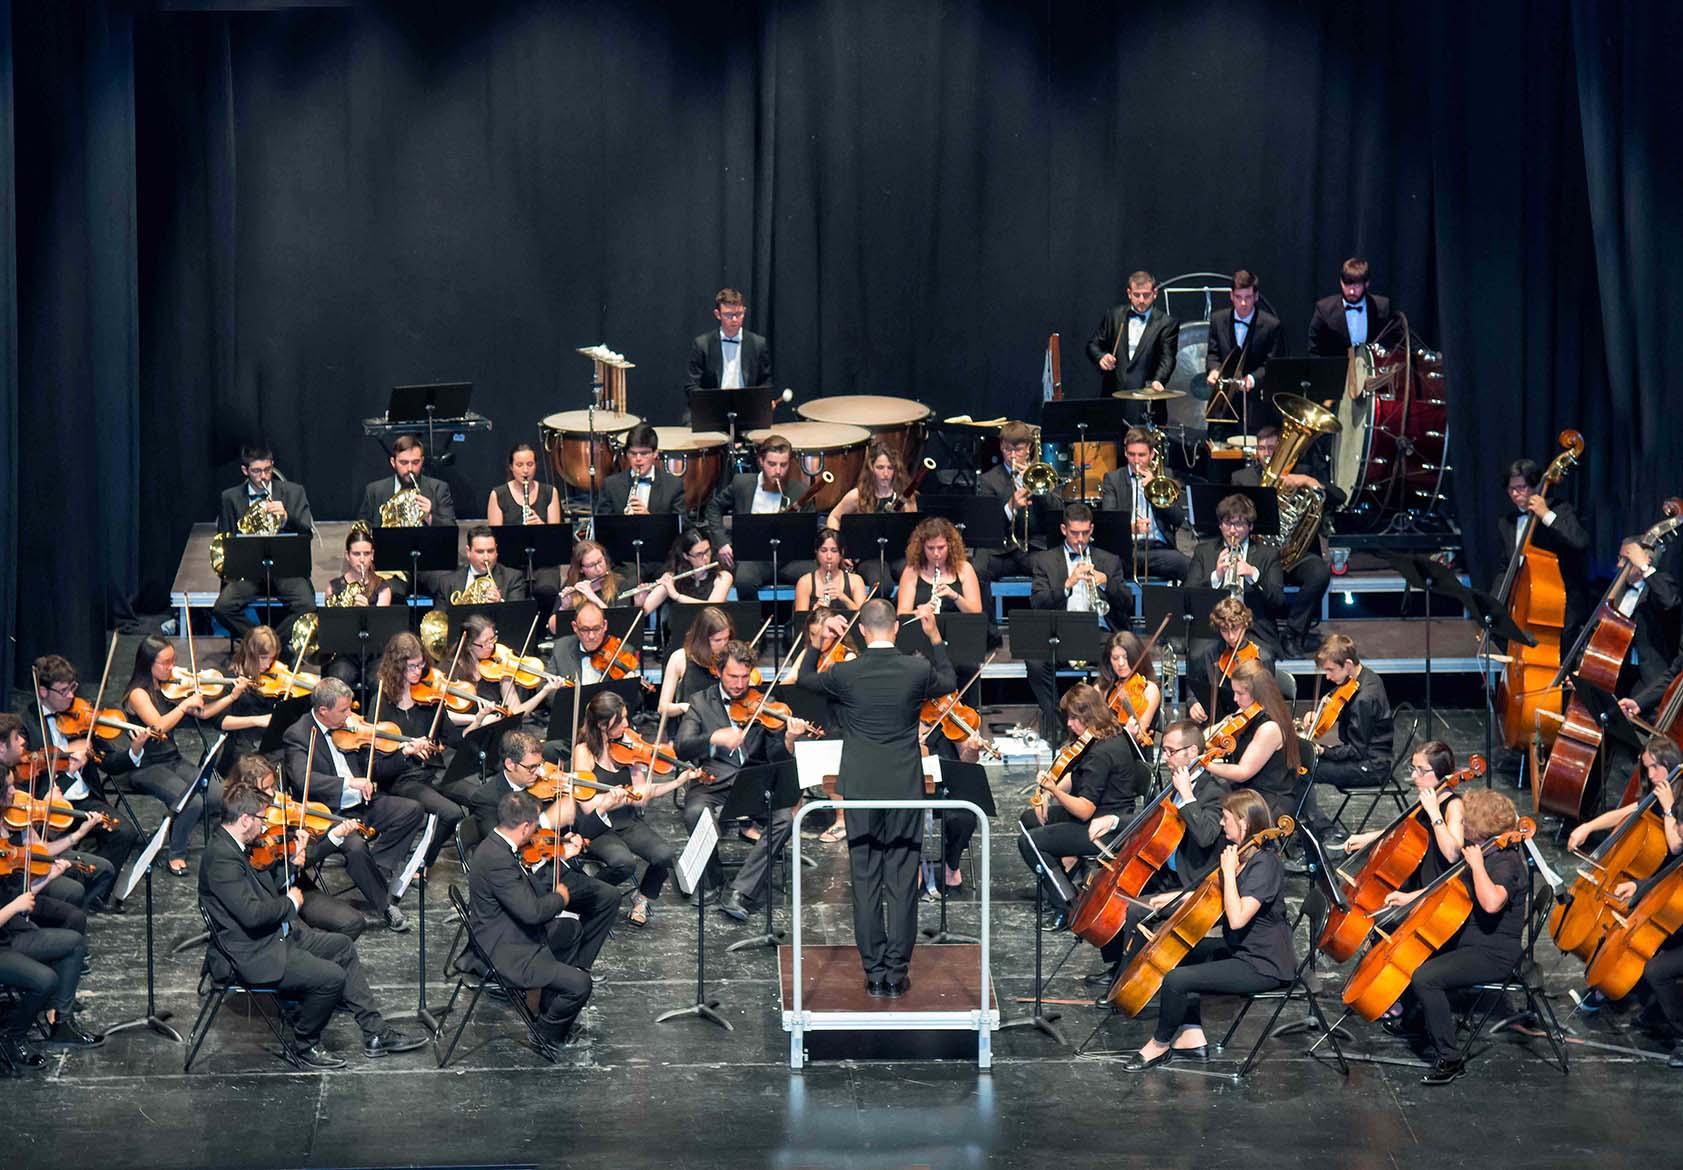 L'Orquestra Simfònica Caixa Ontinyent inicia la temporada de concerts El Periòdic d'Ontinyent